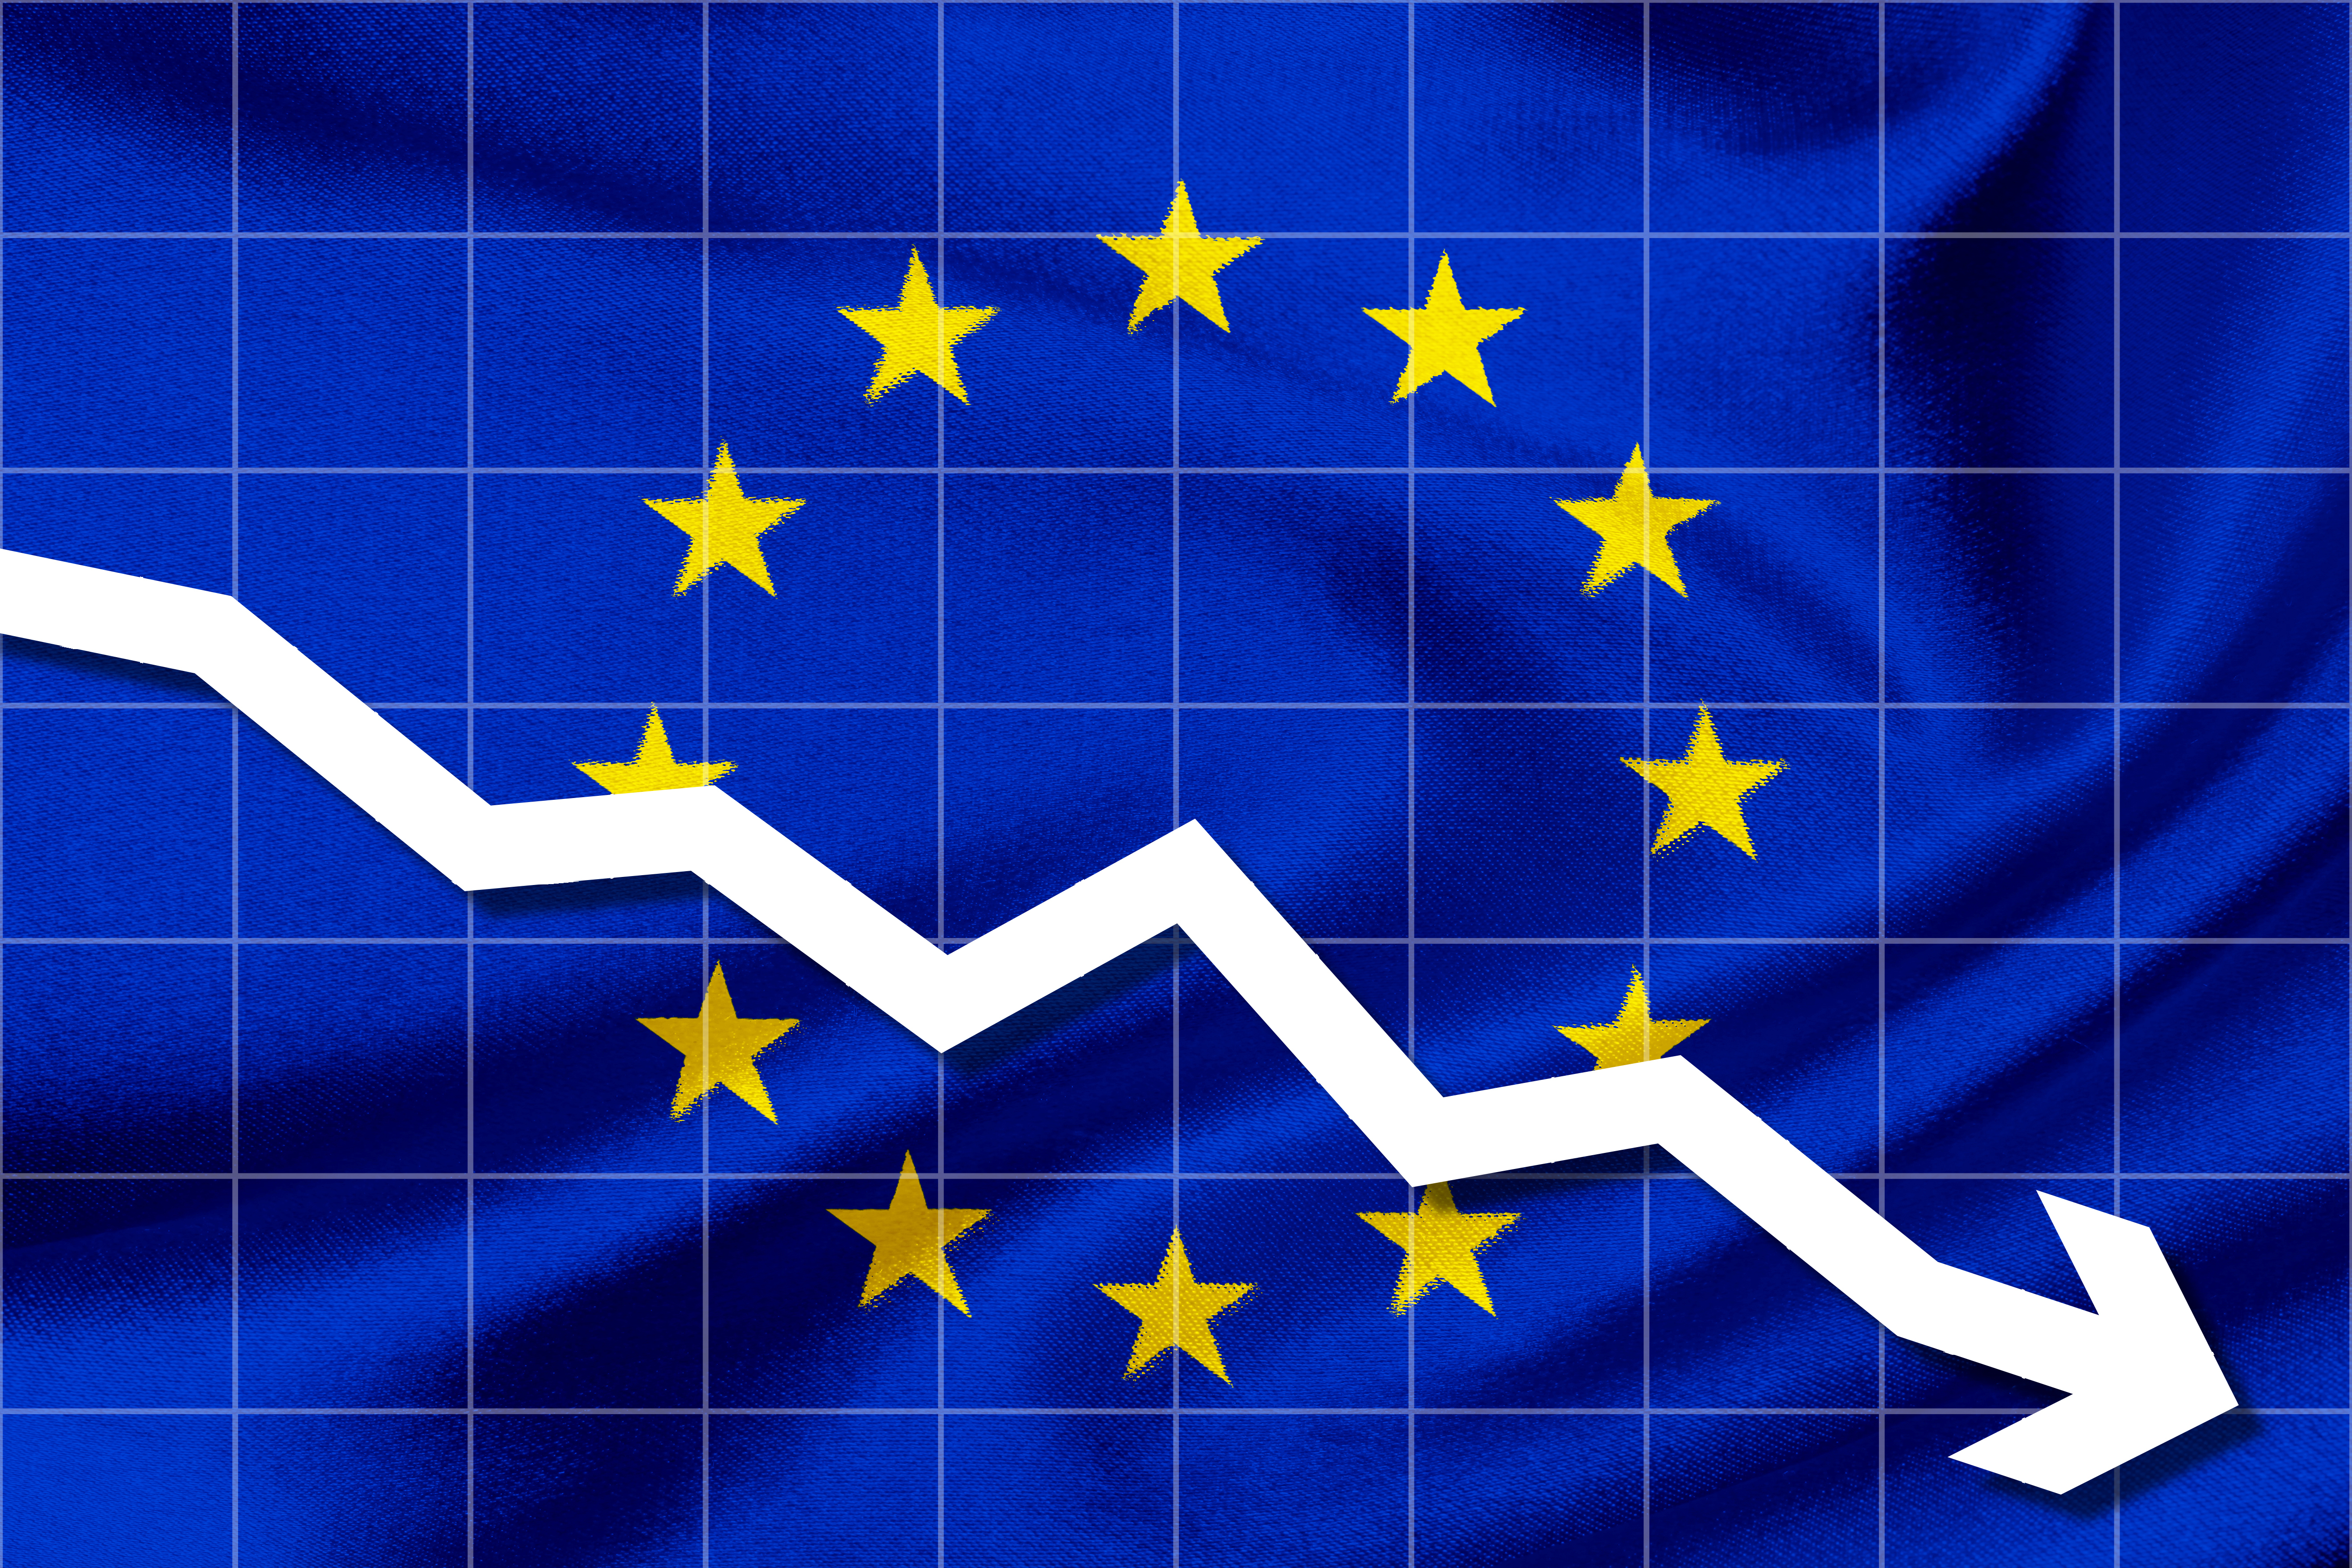 Топим се заради най-висока в ЕС смъртност и ниска раждаемост